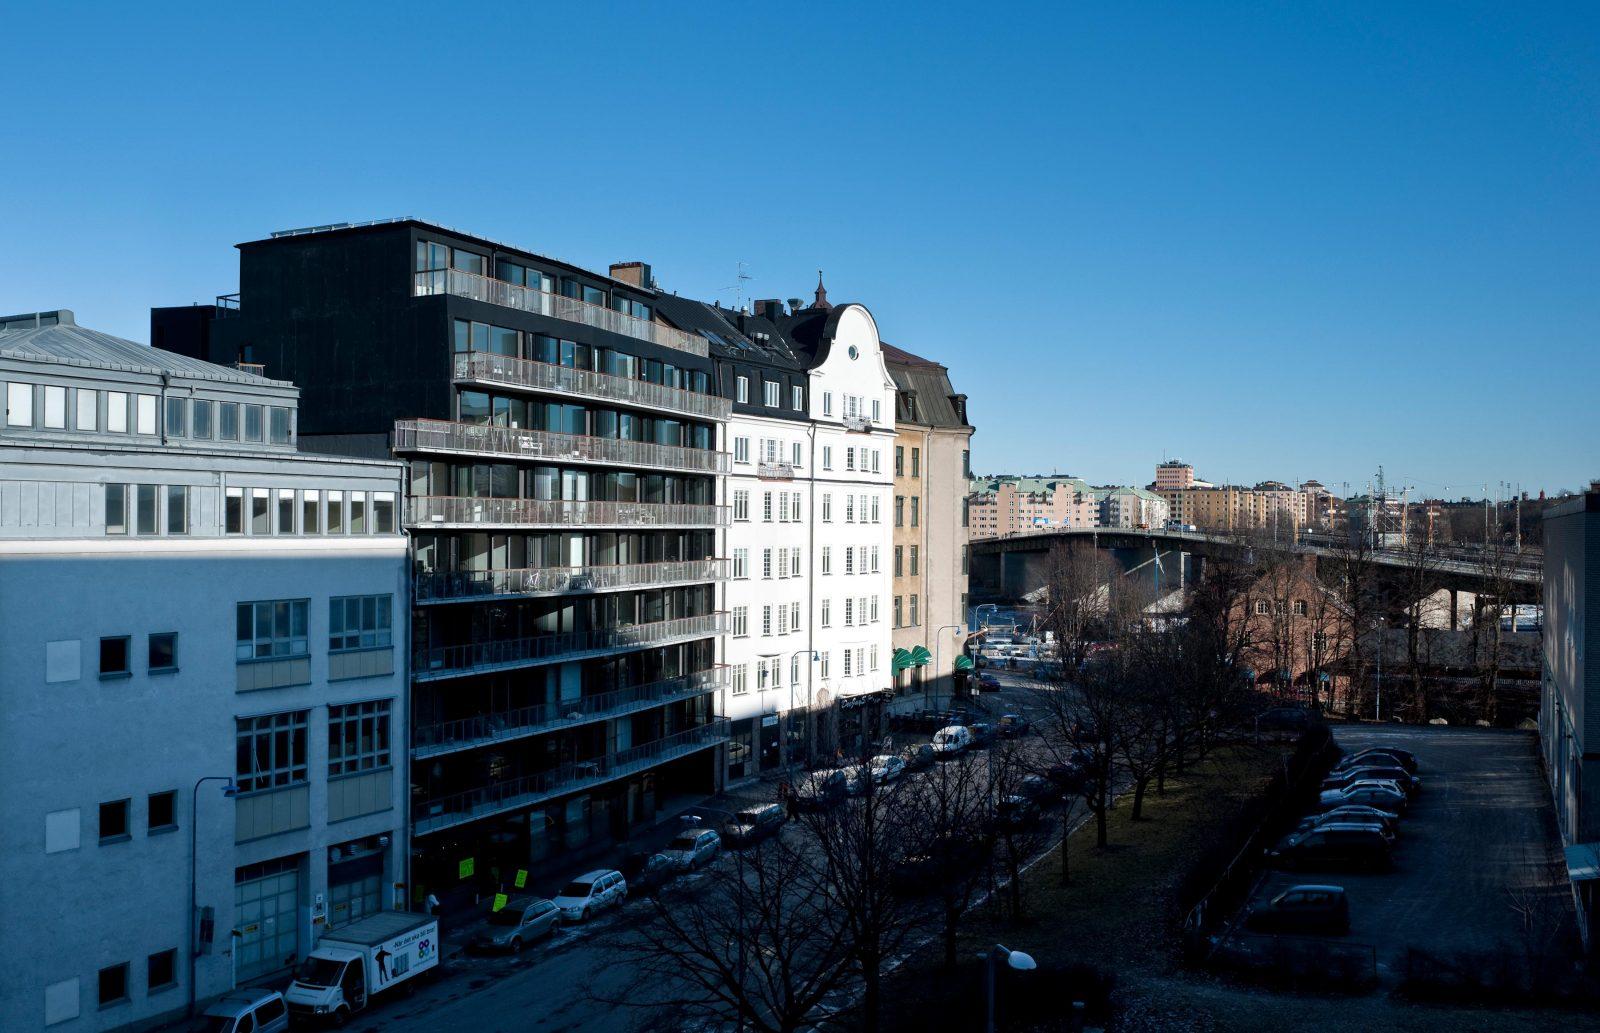 KjellanderSjoberg Stora-Katrineberg view from street01